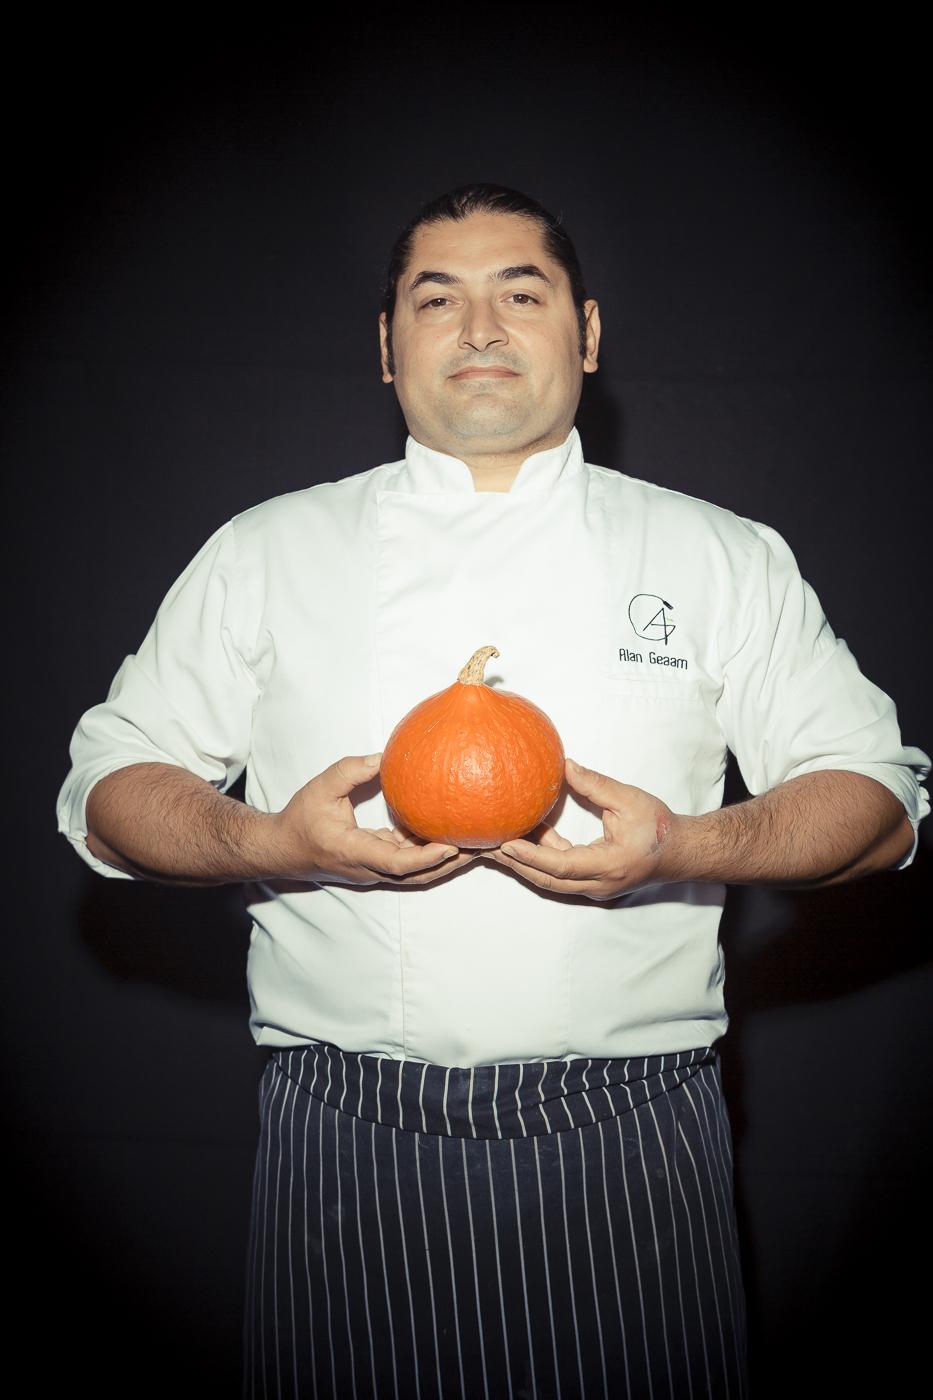 Photographe chef cuisinier sylvie humbert for Cuisinier bras